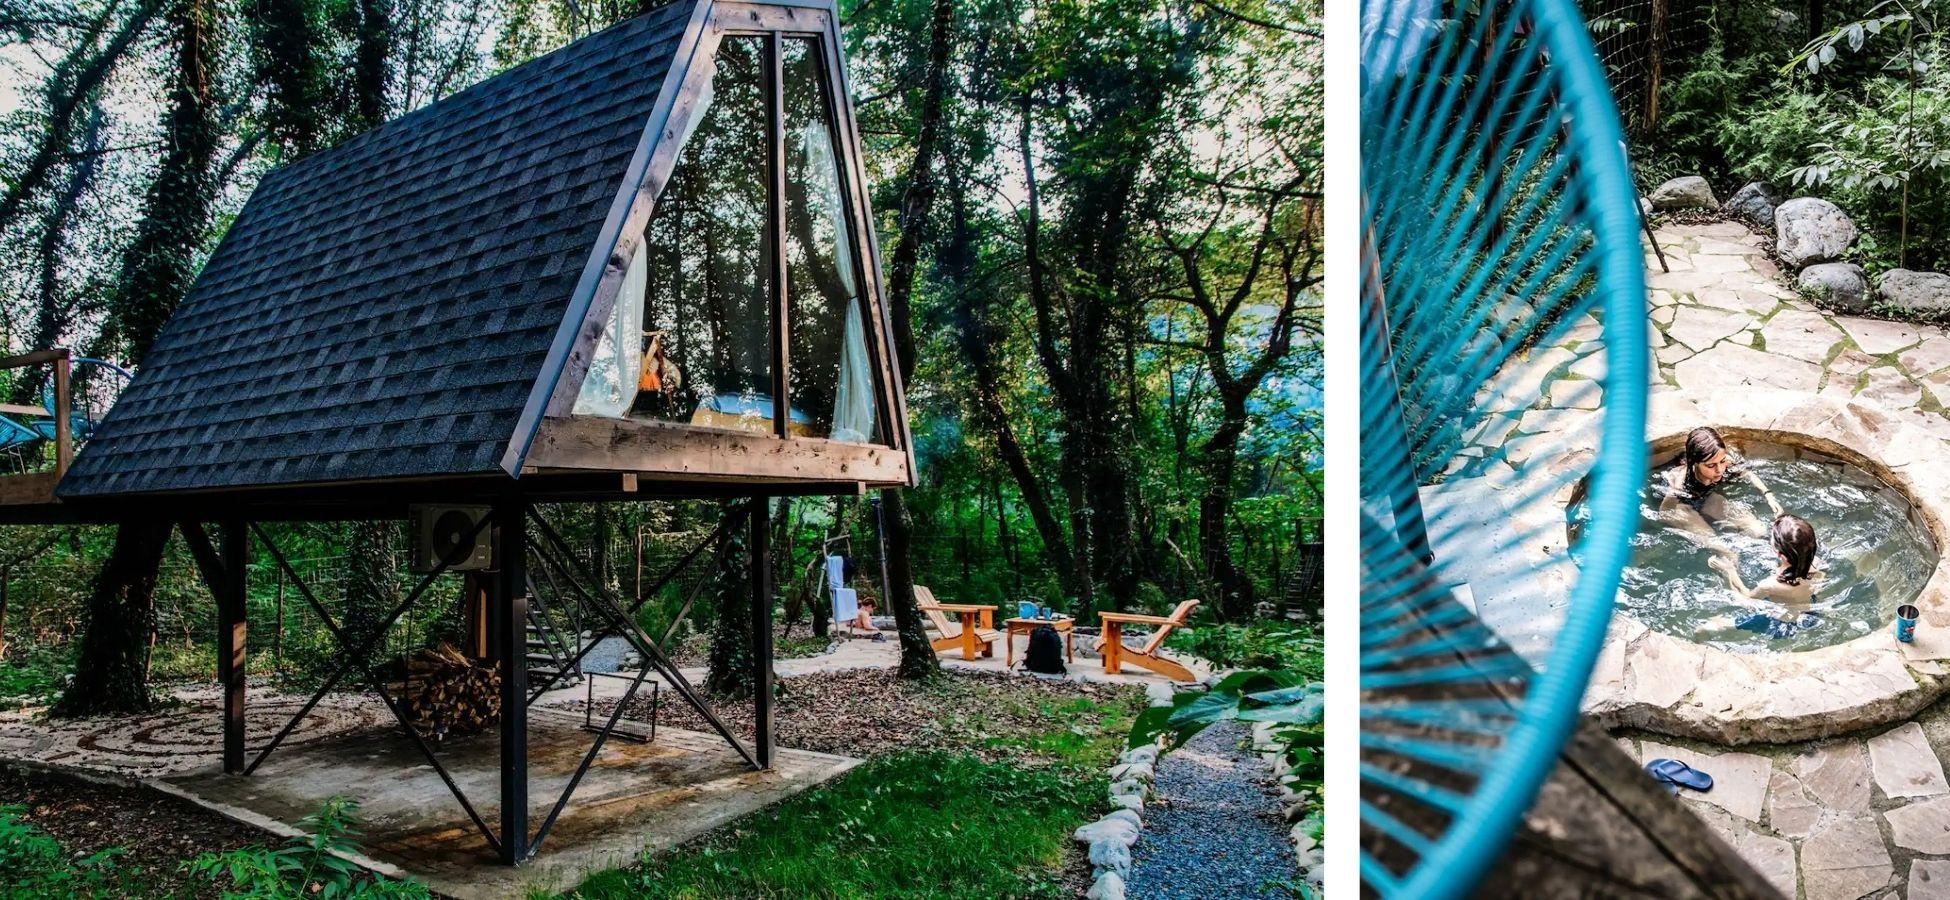 Cabane dans les arbres - Géorgie